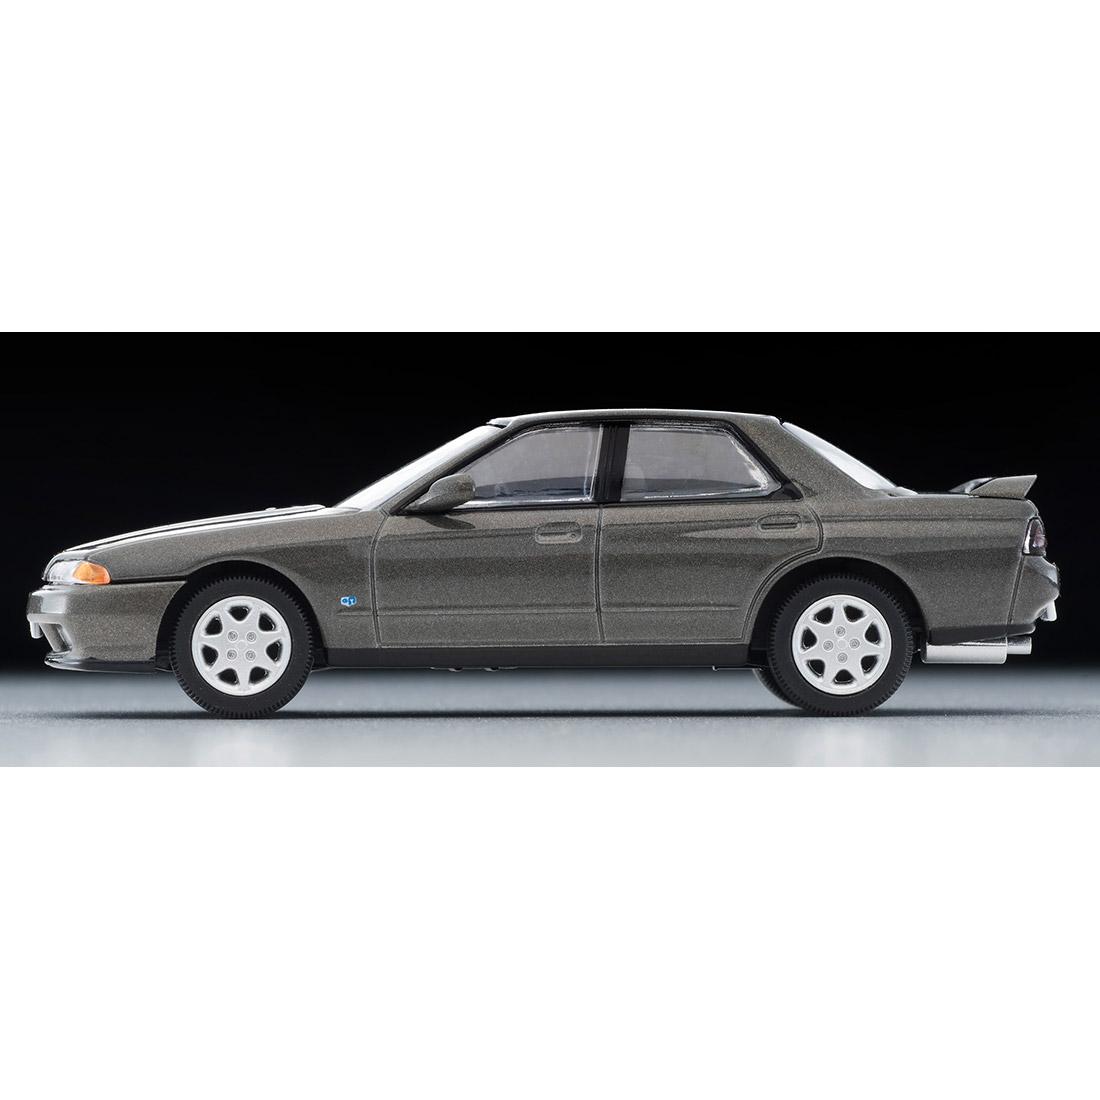 トミカリミテッドヴィンテージ ネオ『LV-N194a 日産スカイライン GTS25 タイプX・G (グレー)』ミニカー-006